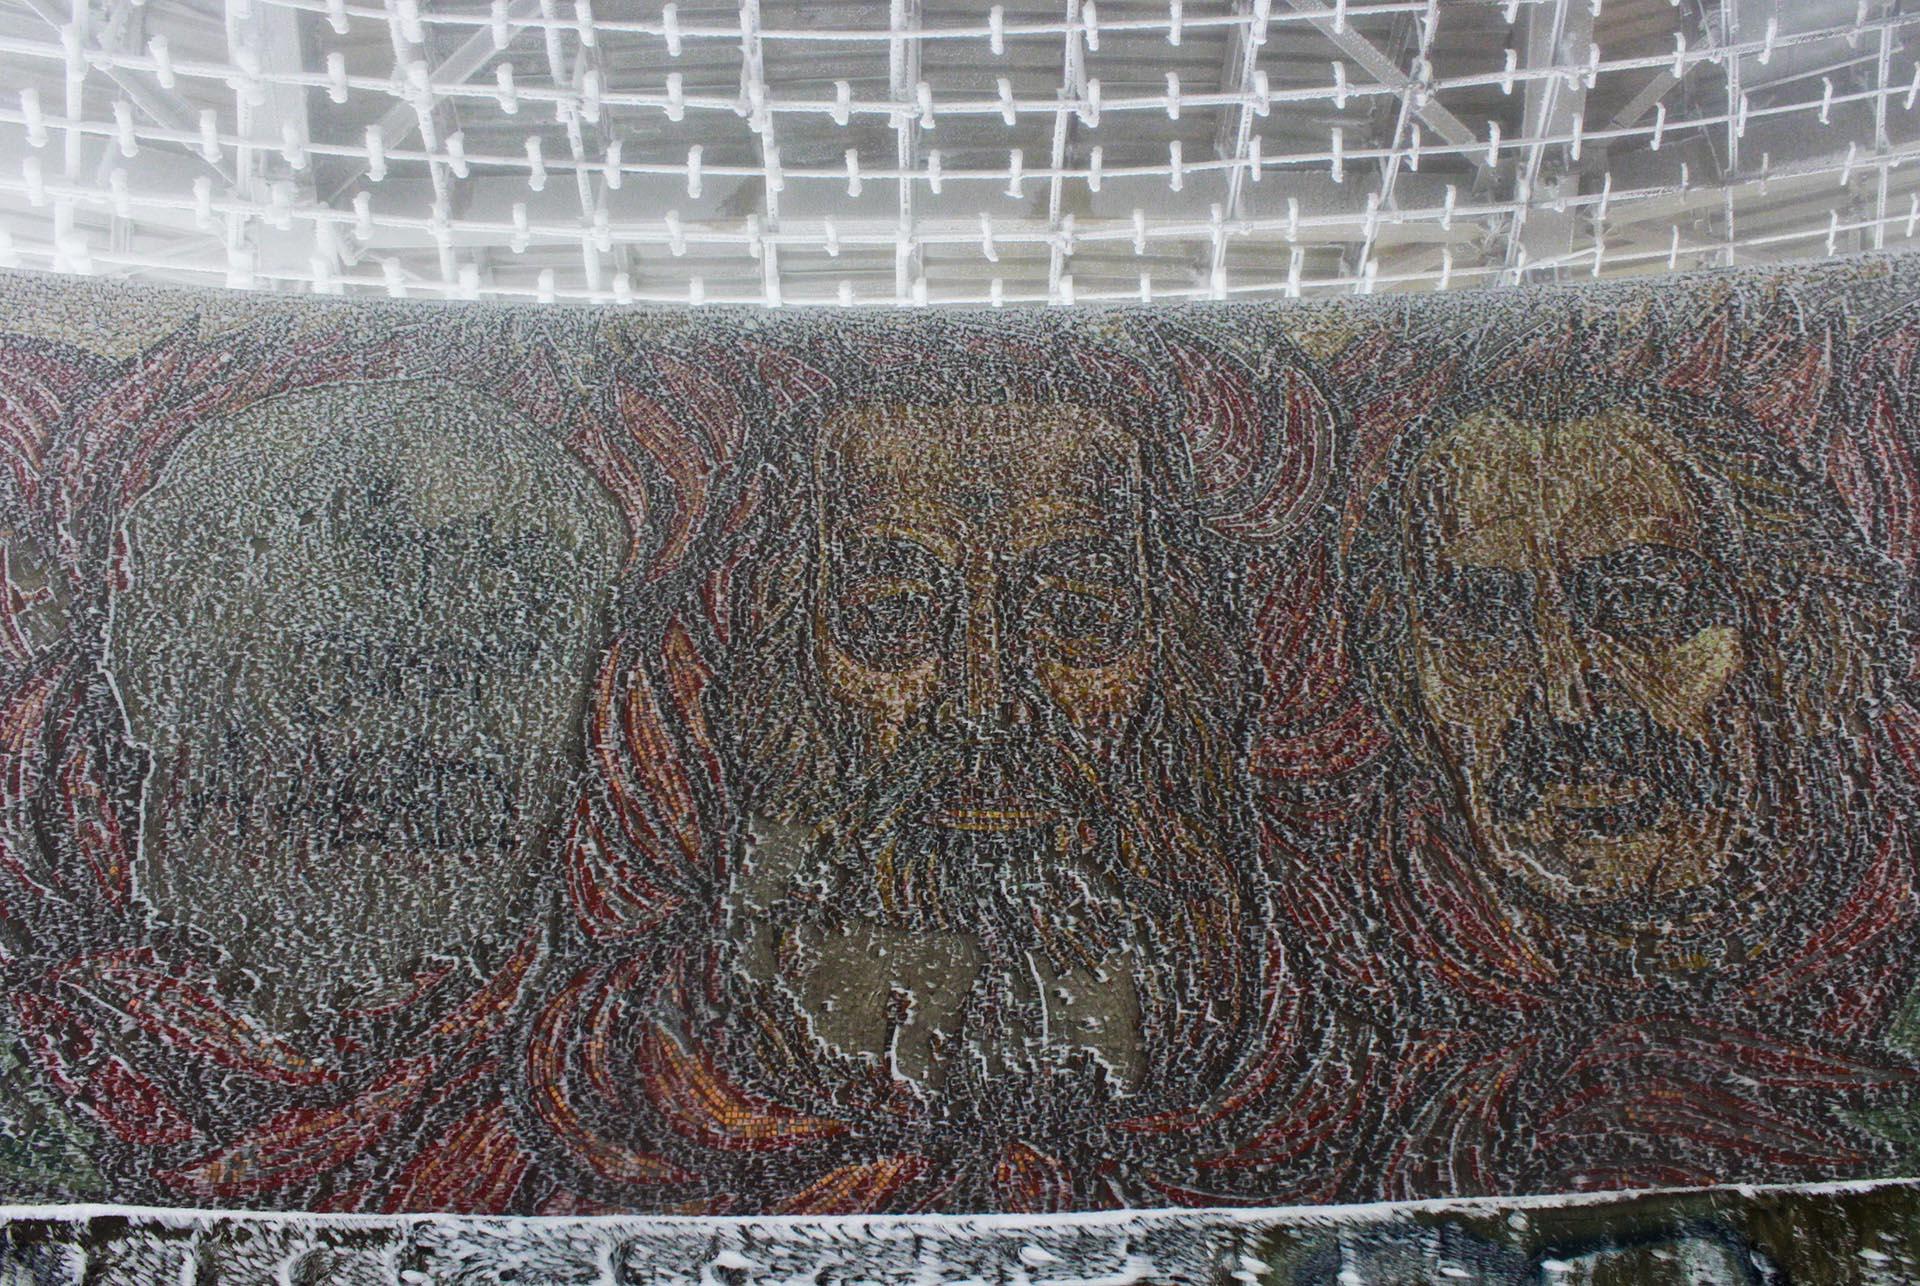 Mosaicos en el auditorio central con los rostros de Dimitar Blagoev (el primer socialista de Bulgaria, a quien el edificio rinde culto), Georgi Dimitrov (el primer presidente socialista, desde 1946 hasta su muerte en 1949). El primero de la izquierda, desdibujado, es el rostro de Todor Zhivkov. líder del régimen desde 1954 hasta la caída en 1989. El edificio se inauguró bajo su mandato